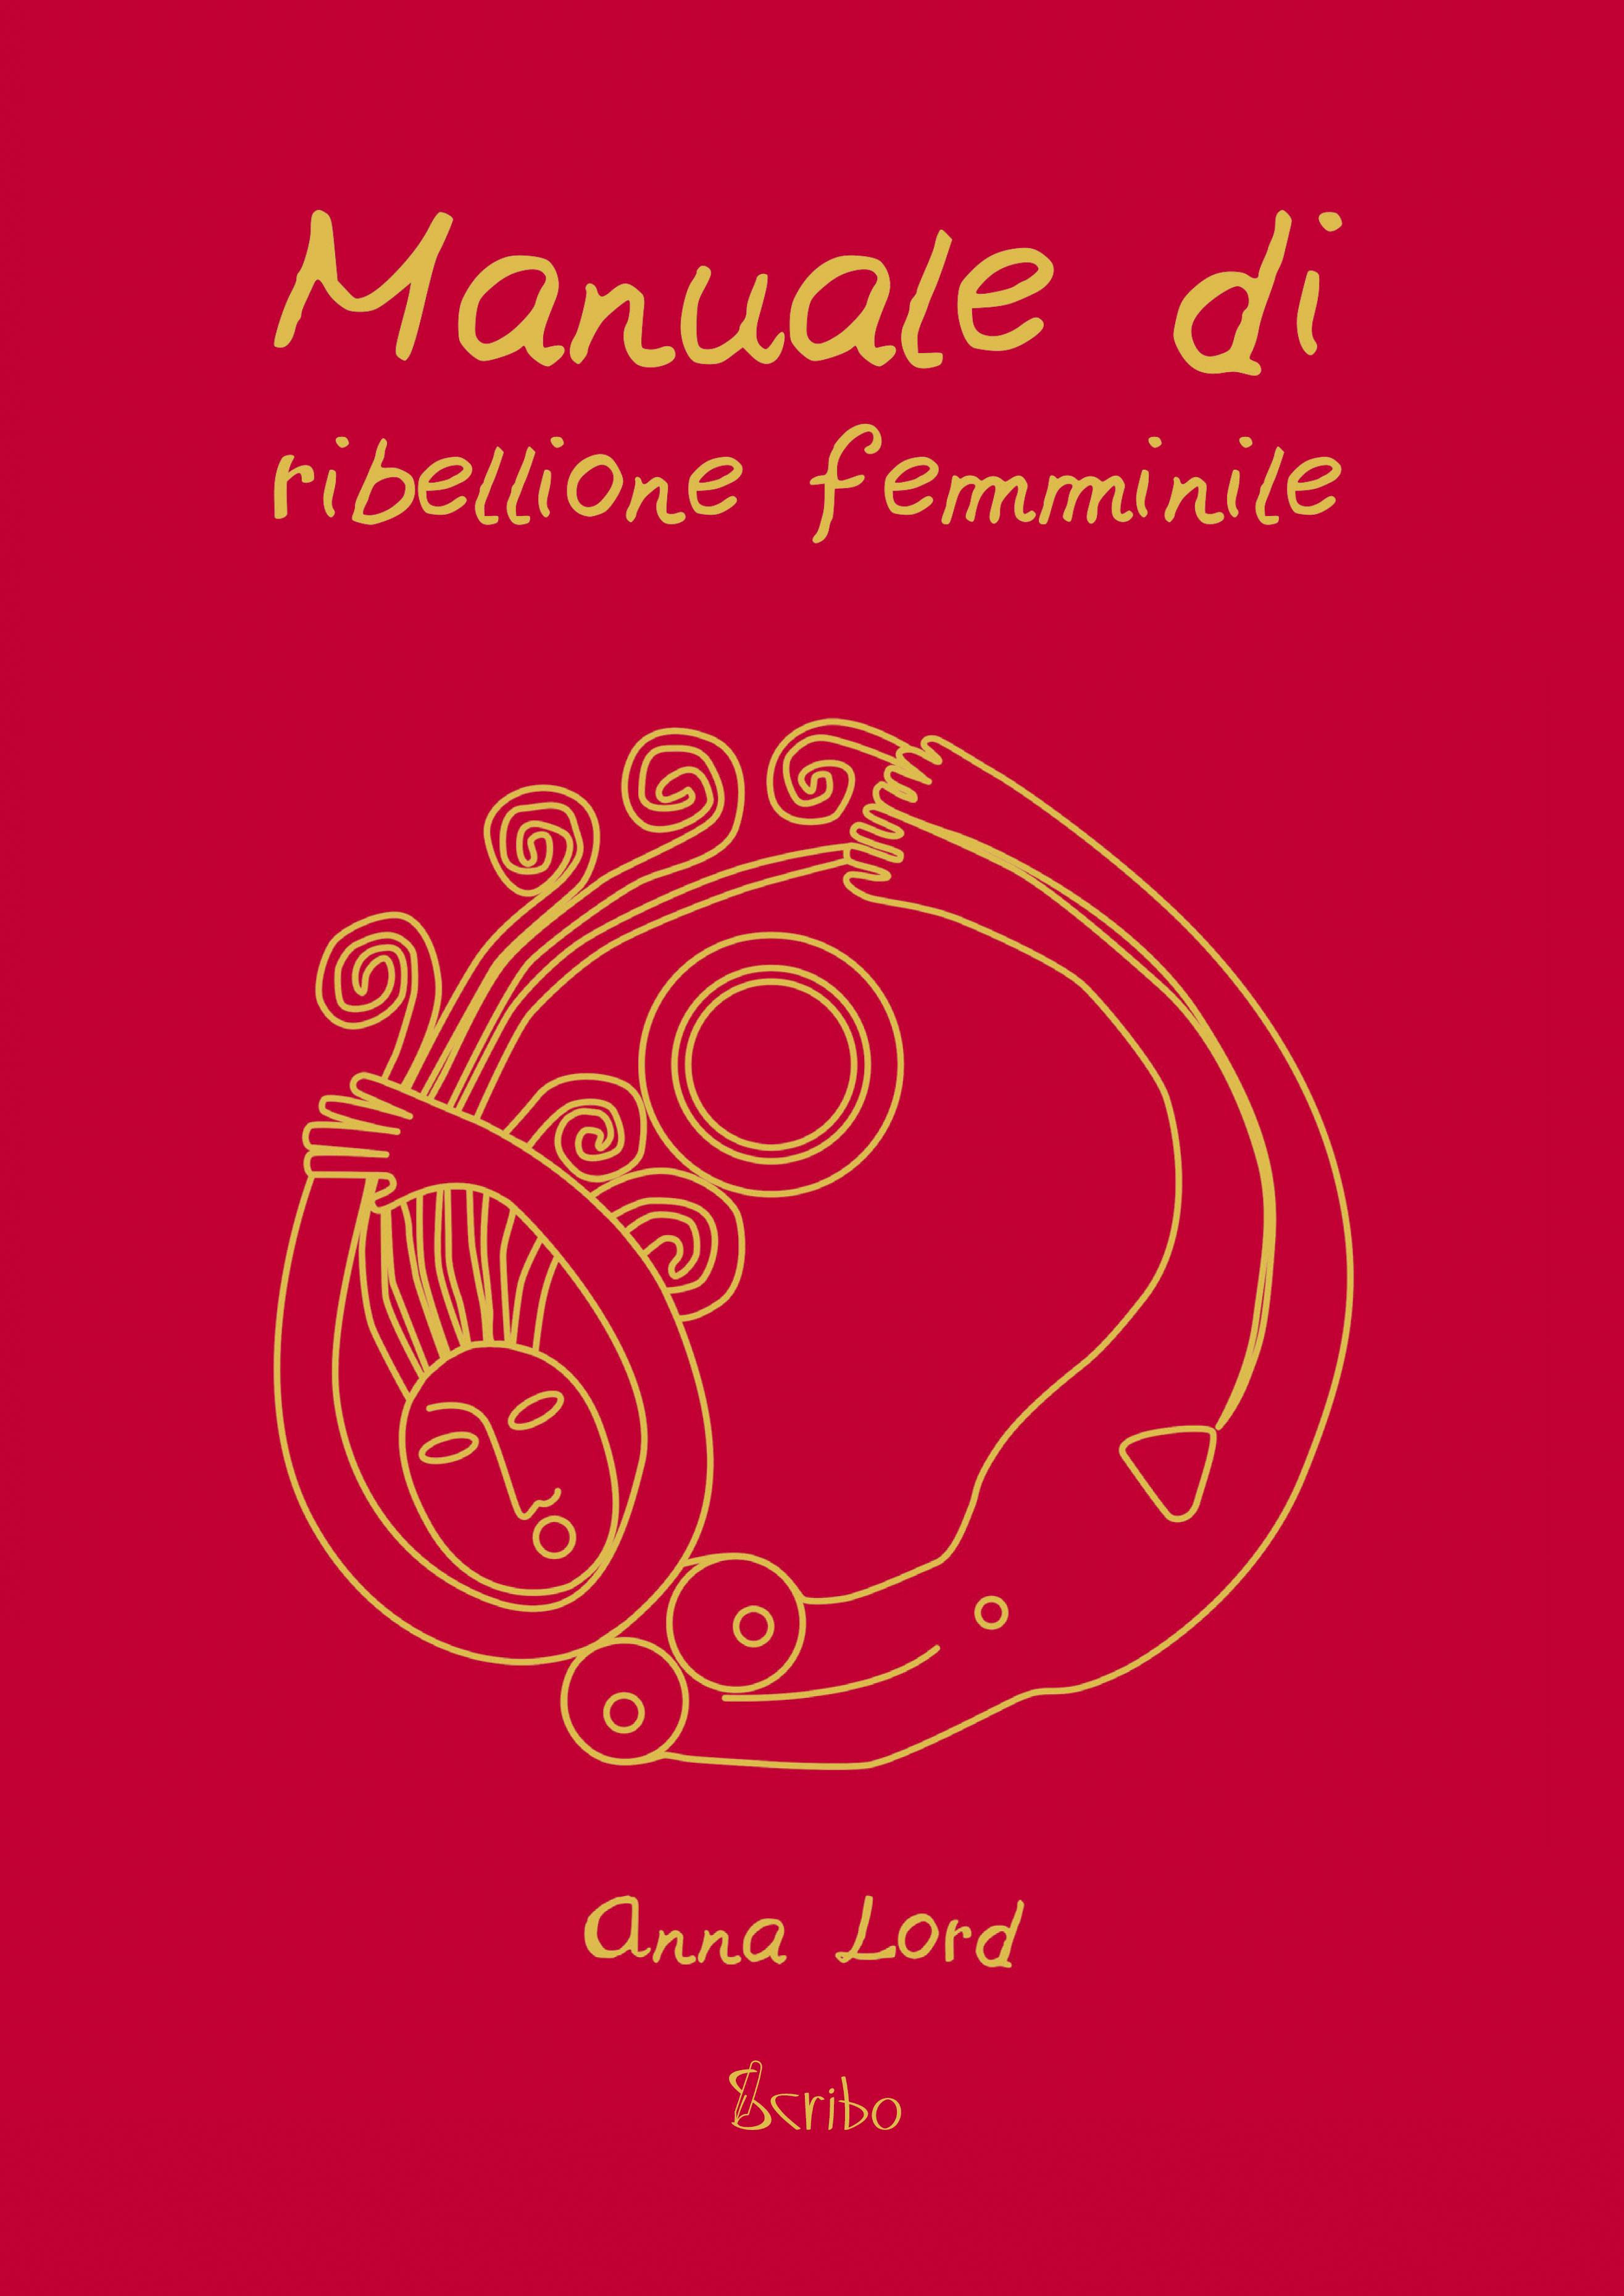 Manuale di ribellione femminile